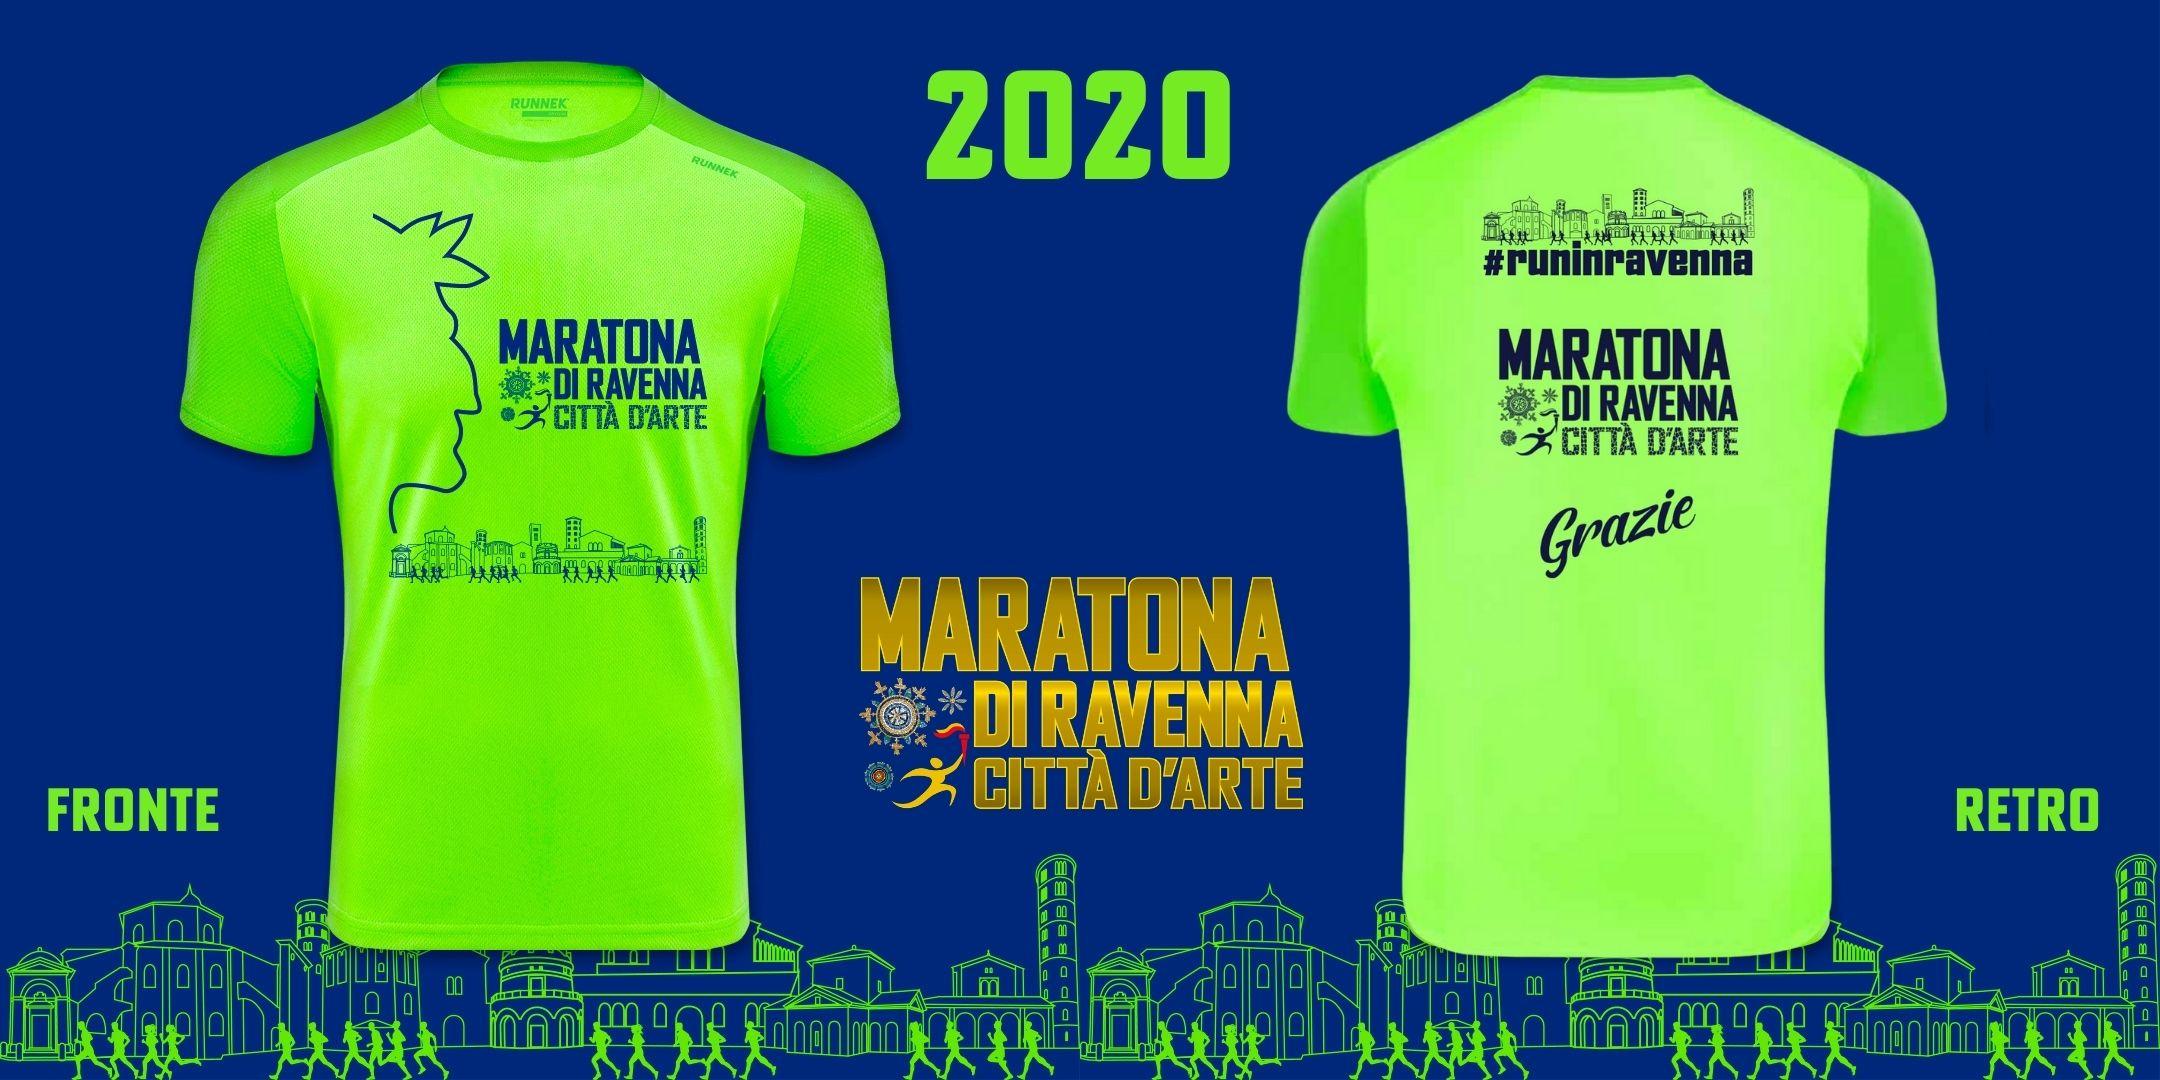 La t-shirt ufficiale della Maratona di Ravenna 2020, omaggio a Dante Alighieri e alla storia